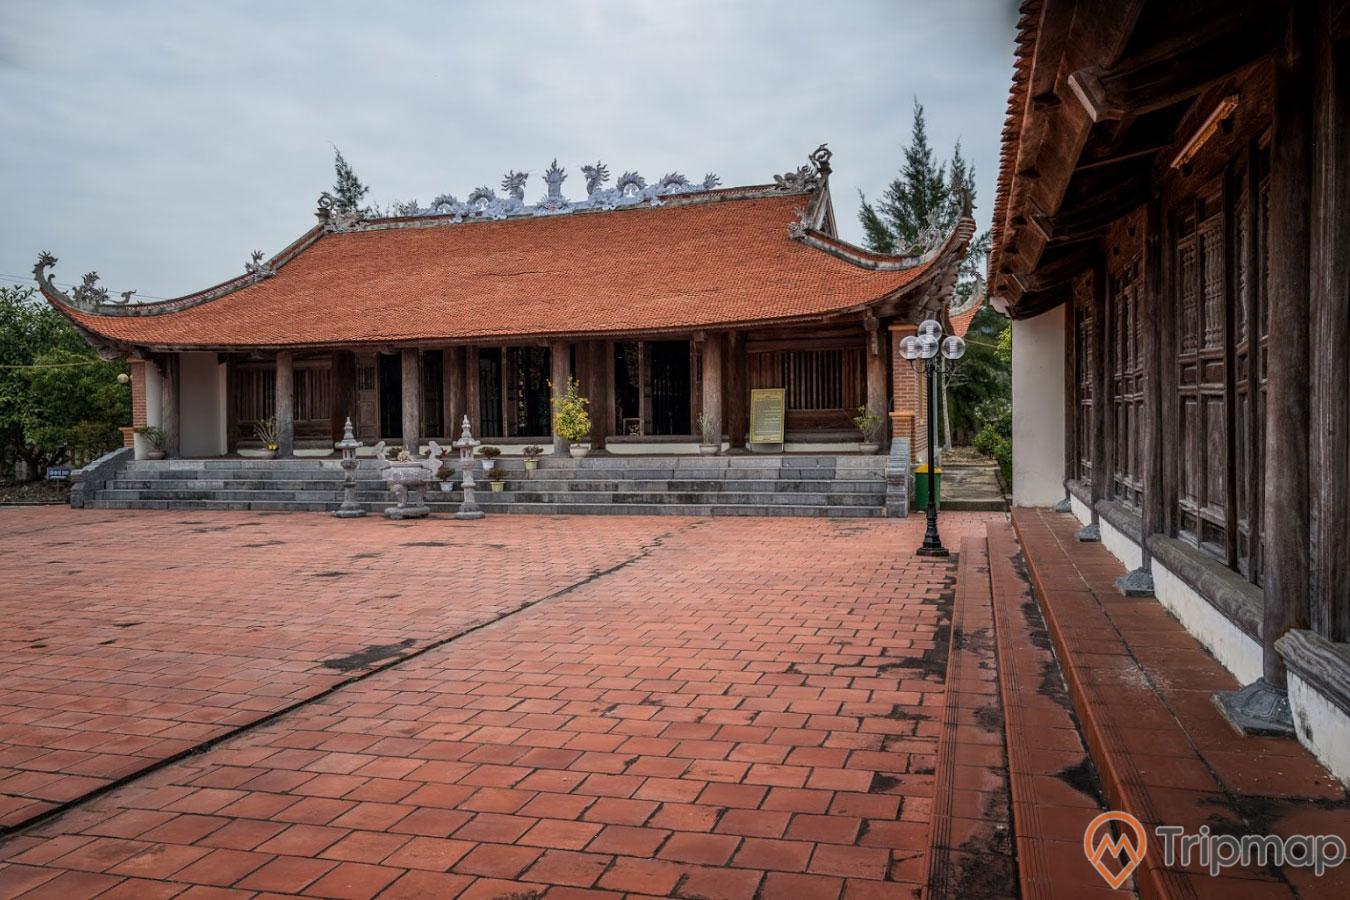 Miếu thờ Trần Khánh Dư, nền gạch màu đỏ, mái ngói màu đỏ, trời nhiều mây, ảnh chụp ban ngày